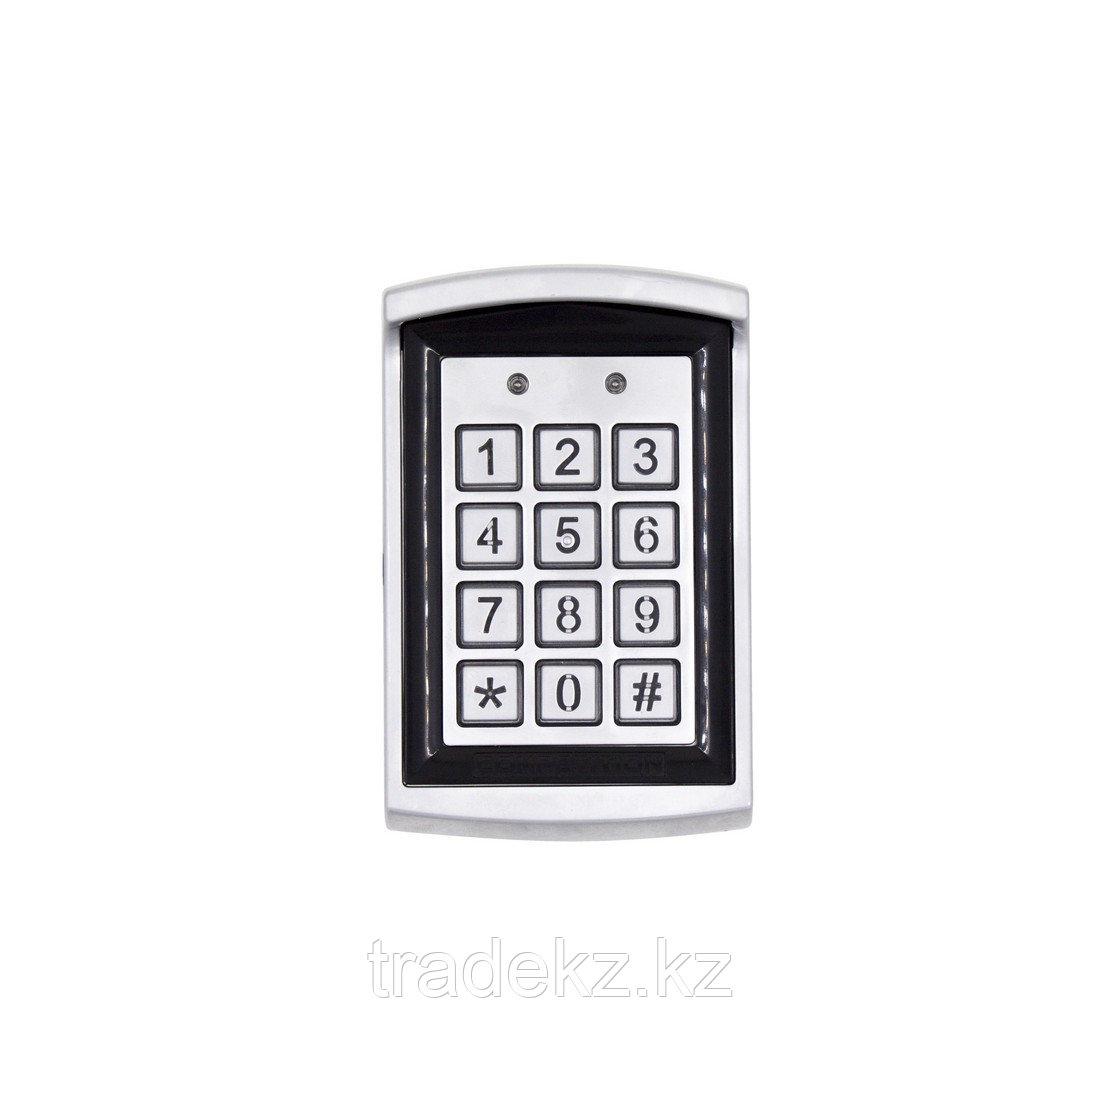 Считыватель бесконтактных карт Competition DH16A-30DTКонтроллер доступа со считывателем карт и кодон